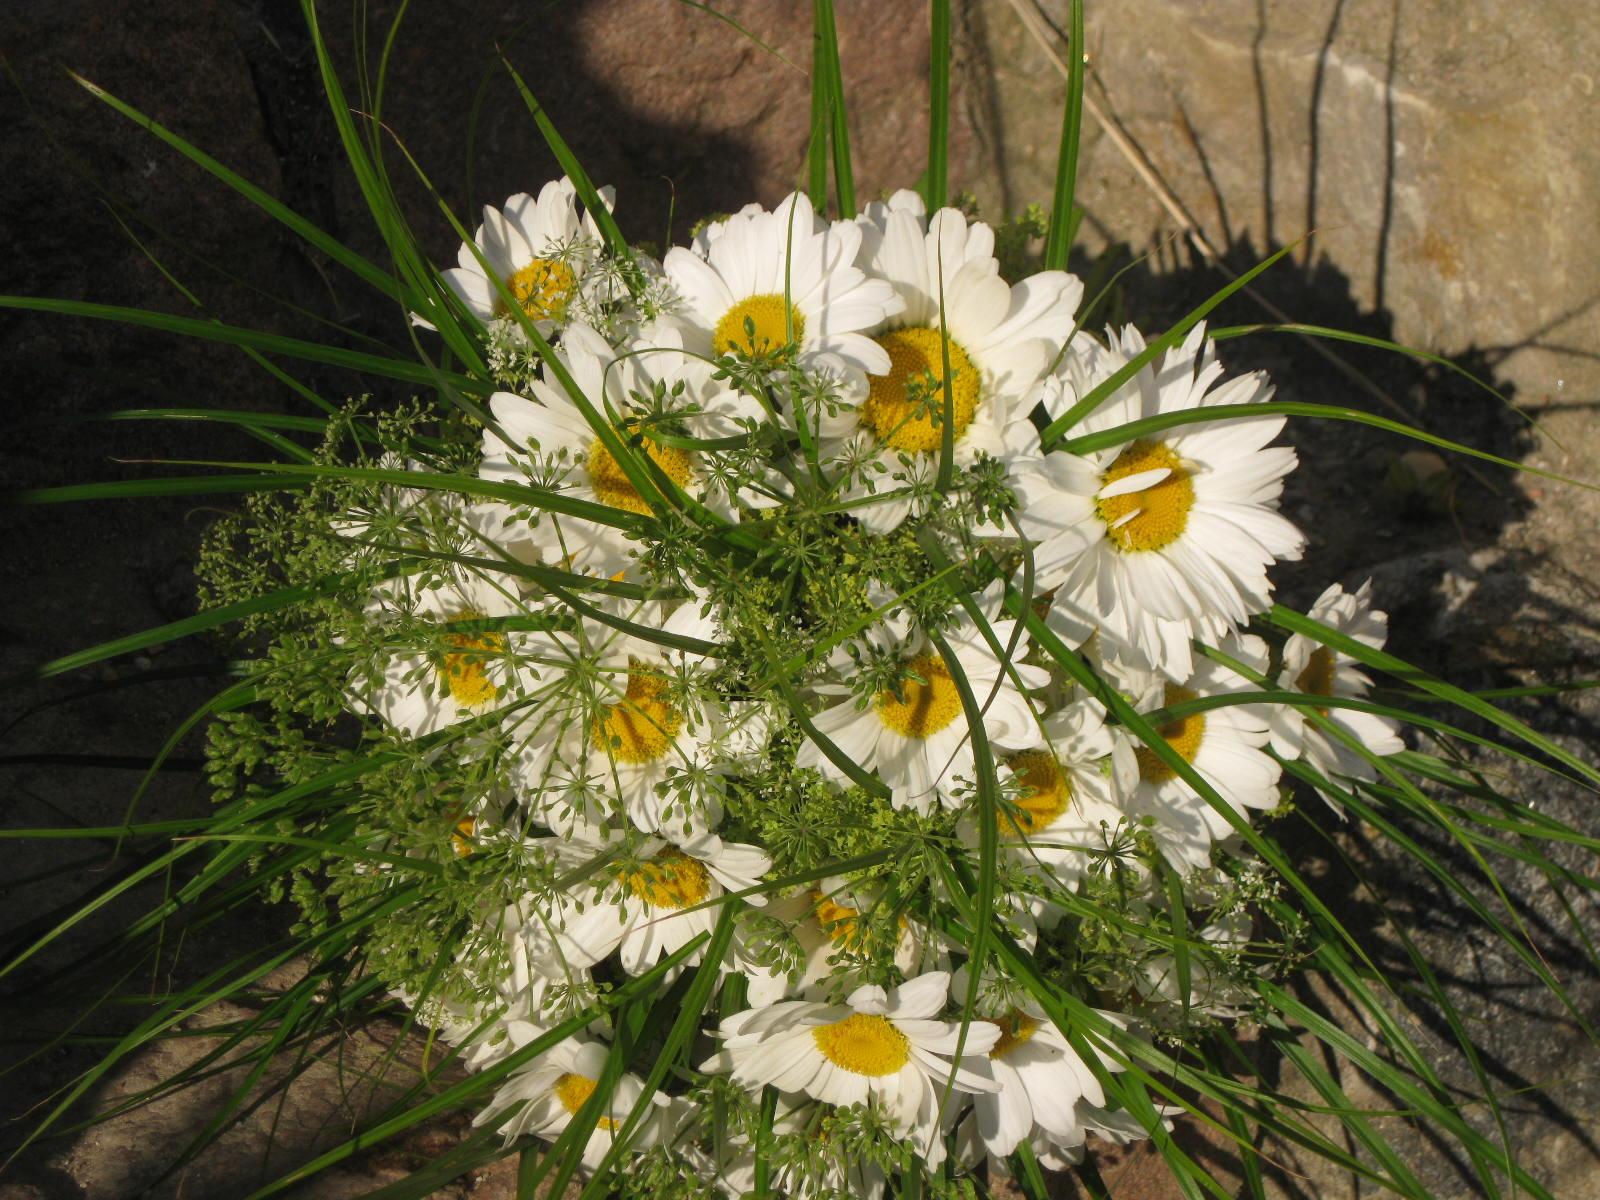 Velmi ráda vytvářím kytice na svatbu z toho co roste okolo díky